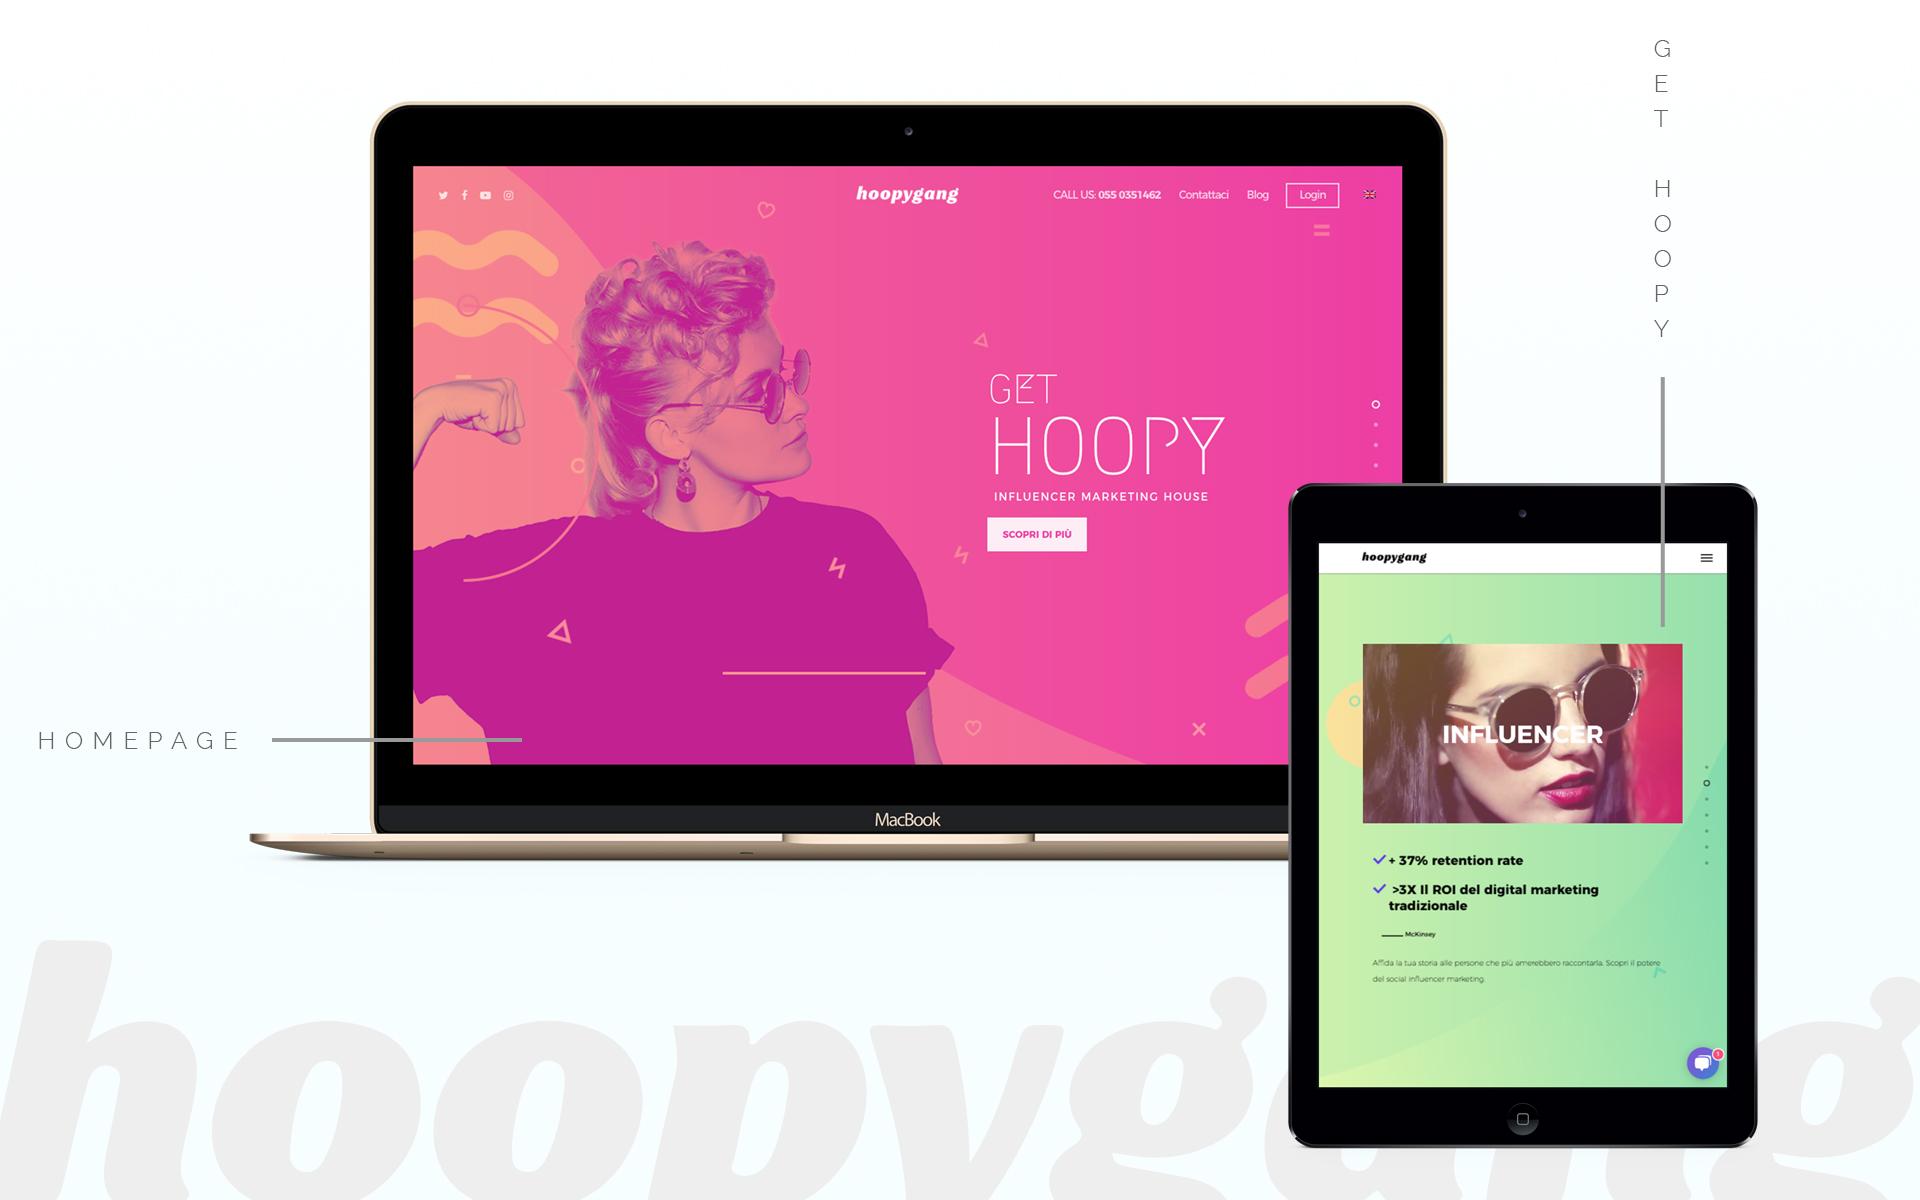 hoopygang-homepage